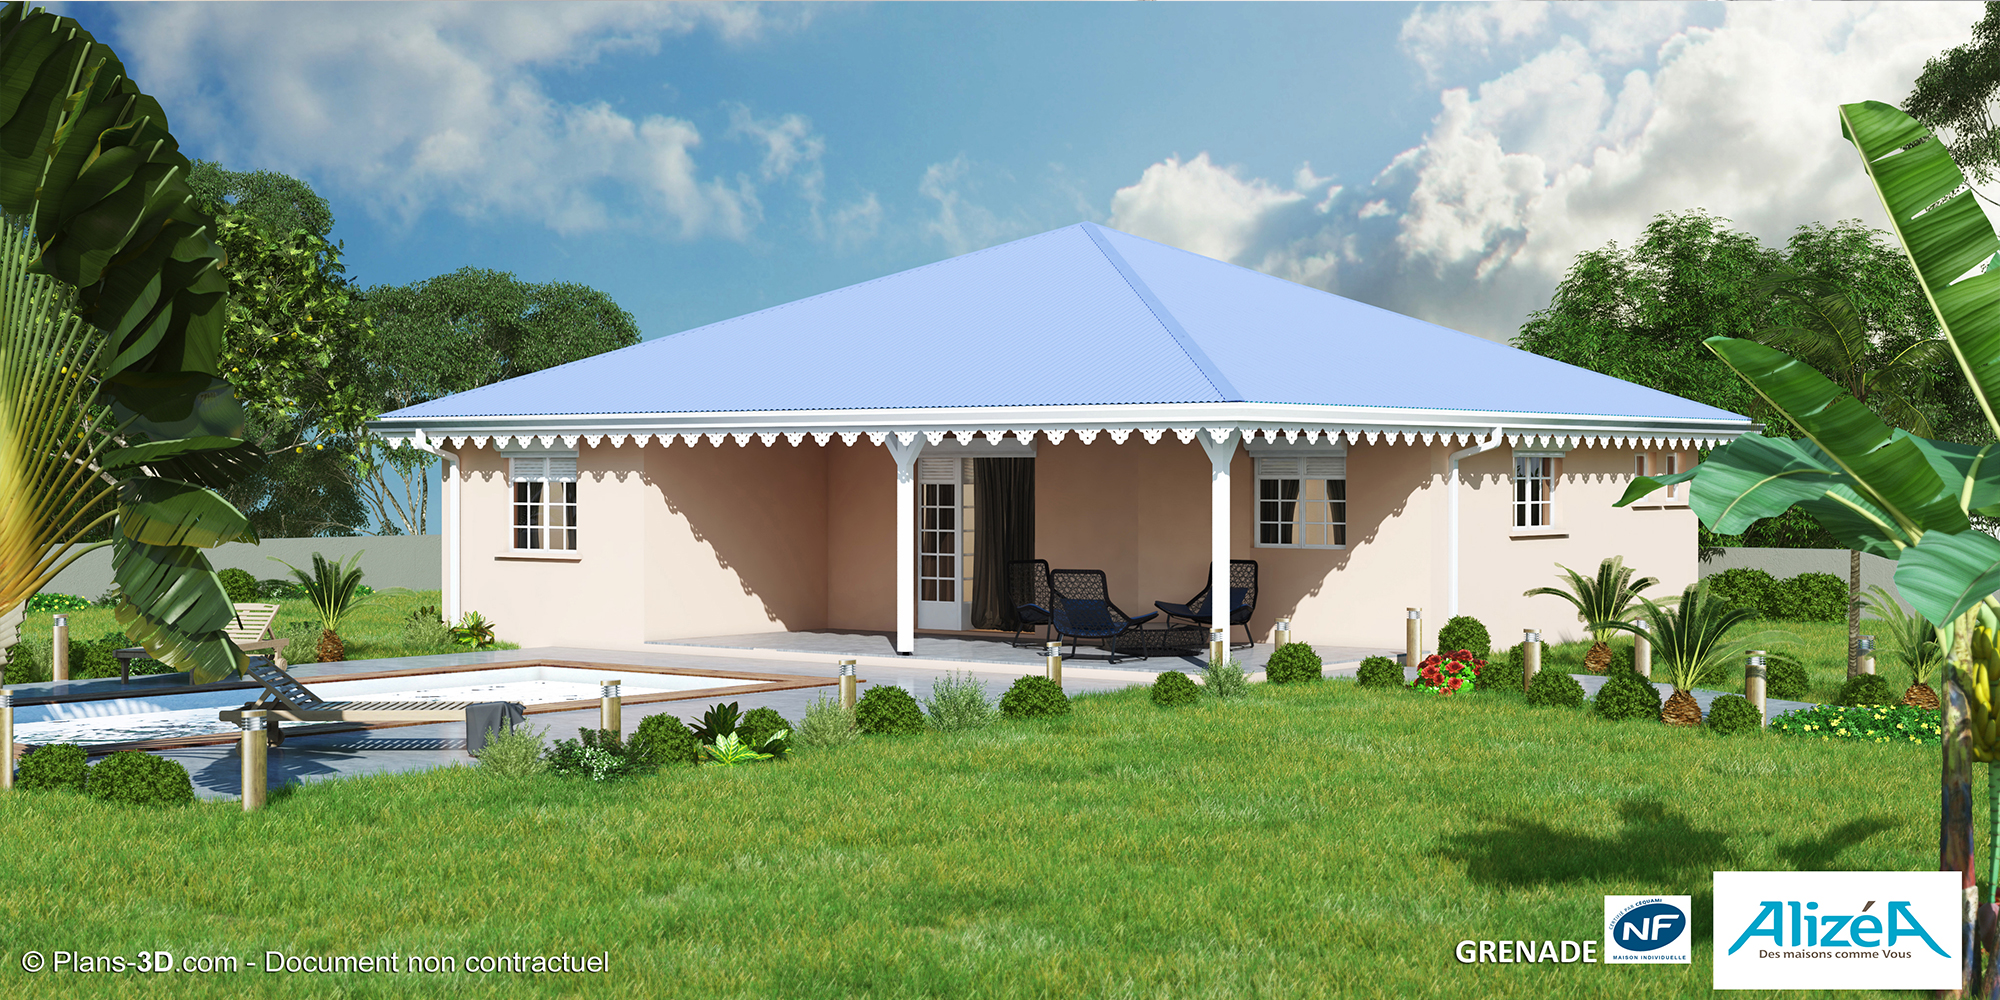 mod le grenade constructeurs de maisons nf en martinique 972 maisons aliz a. Black Bedroom Furniture Sets. Home Design Ideas